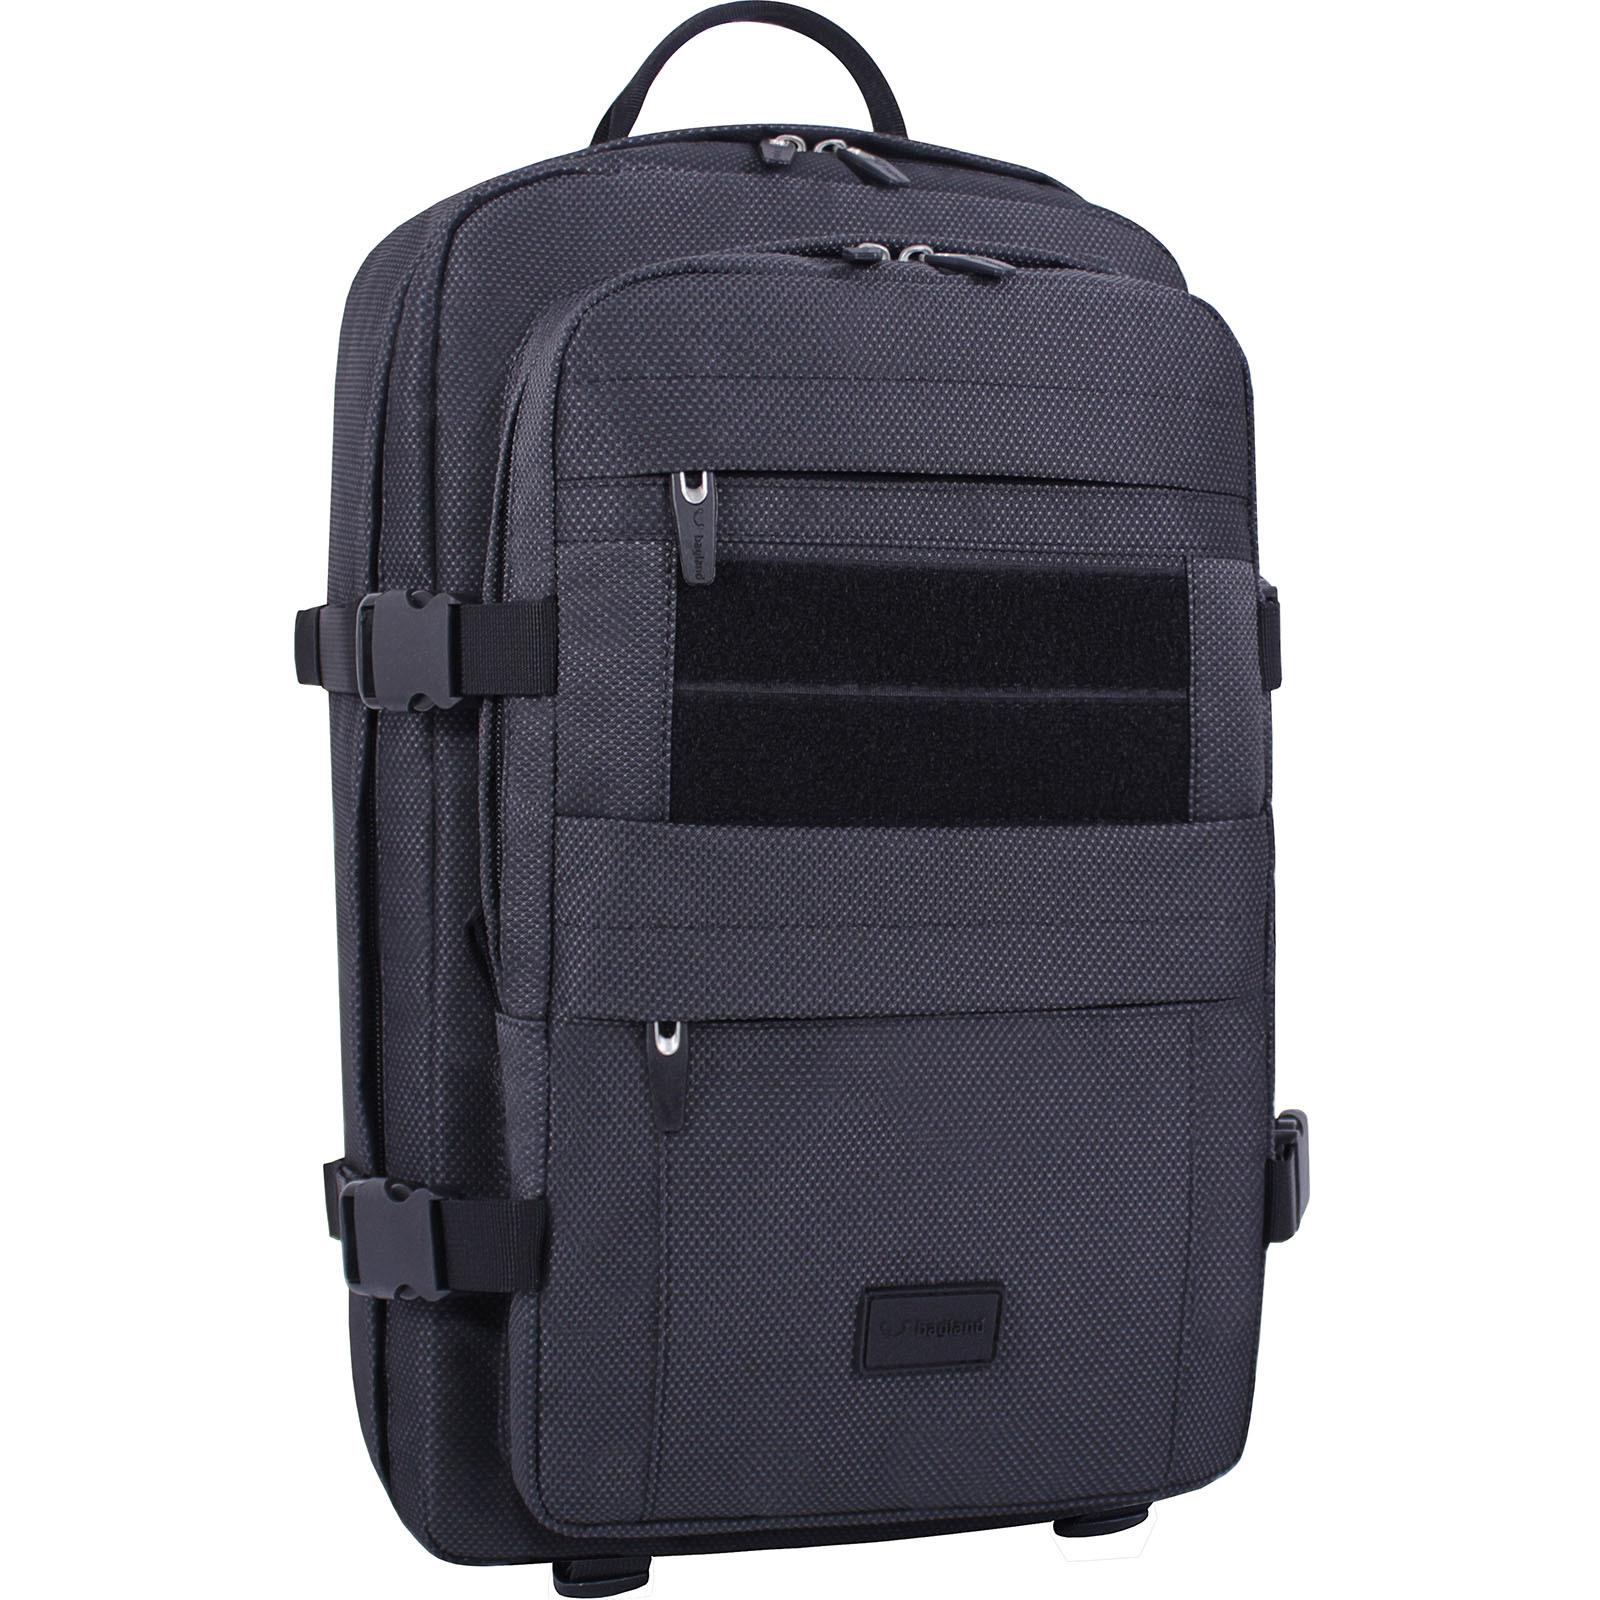 Рюкзак для ноутбука Bagland Jasper 19 л. Чёрный (00155169) фото 1